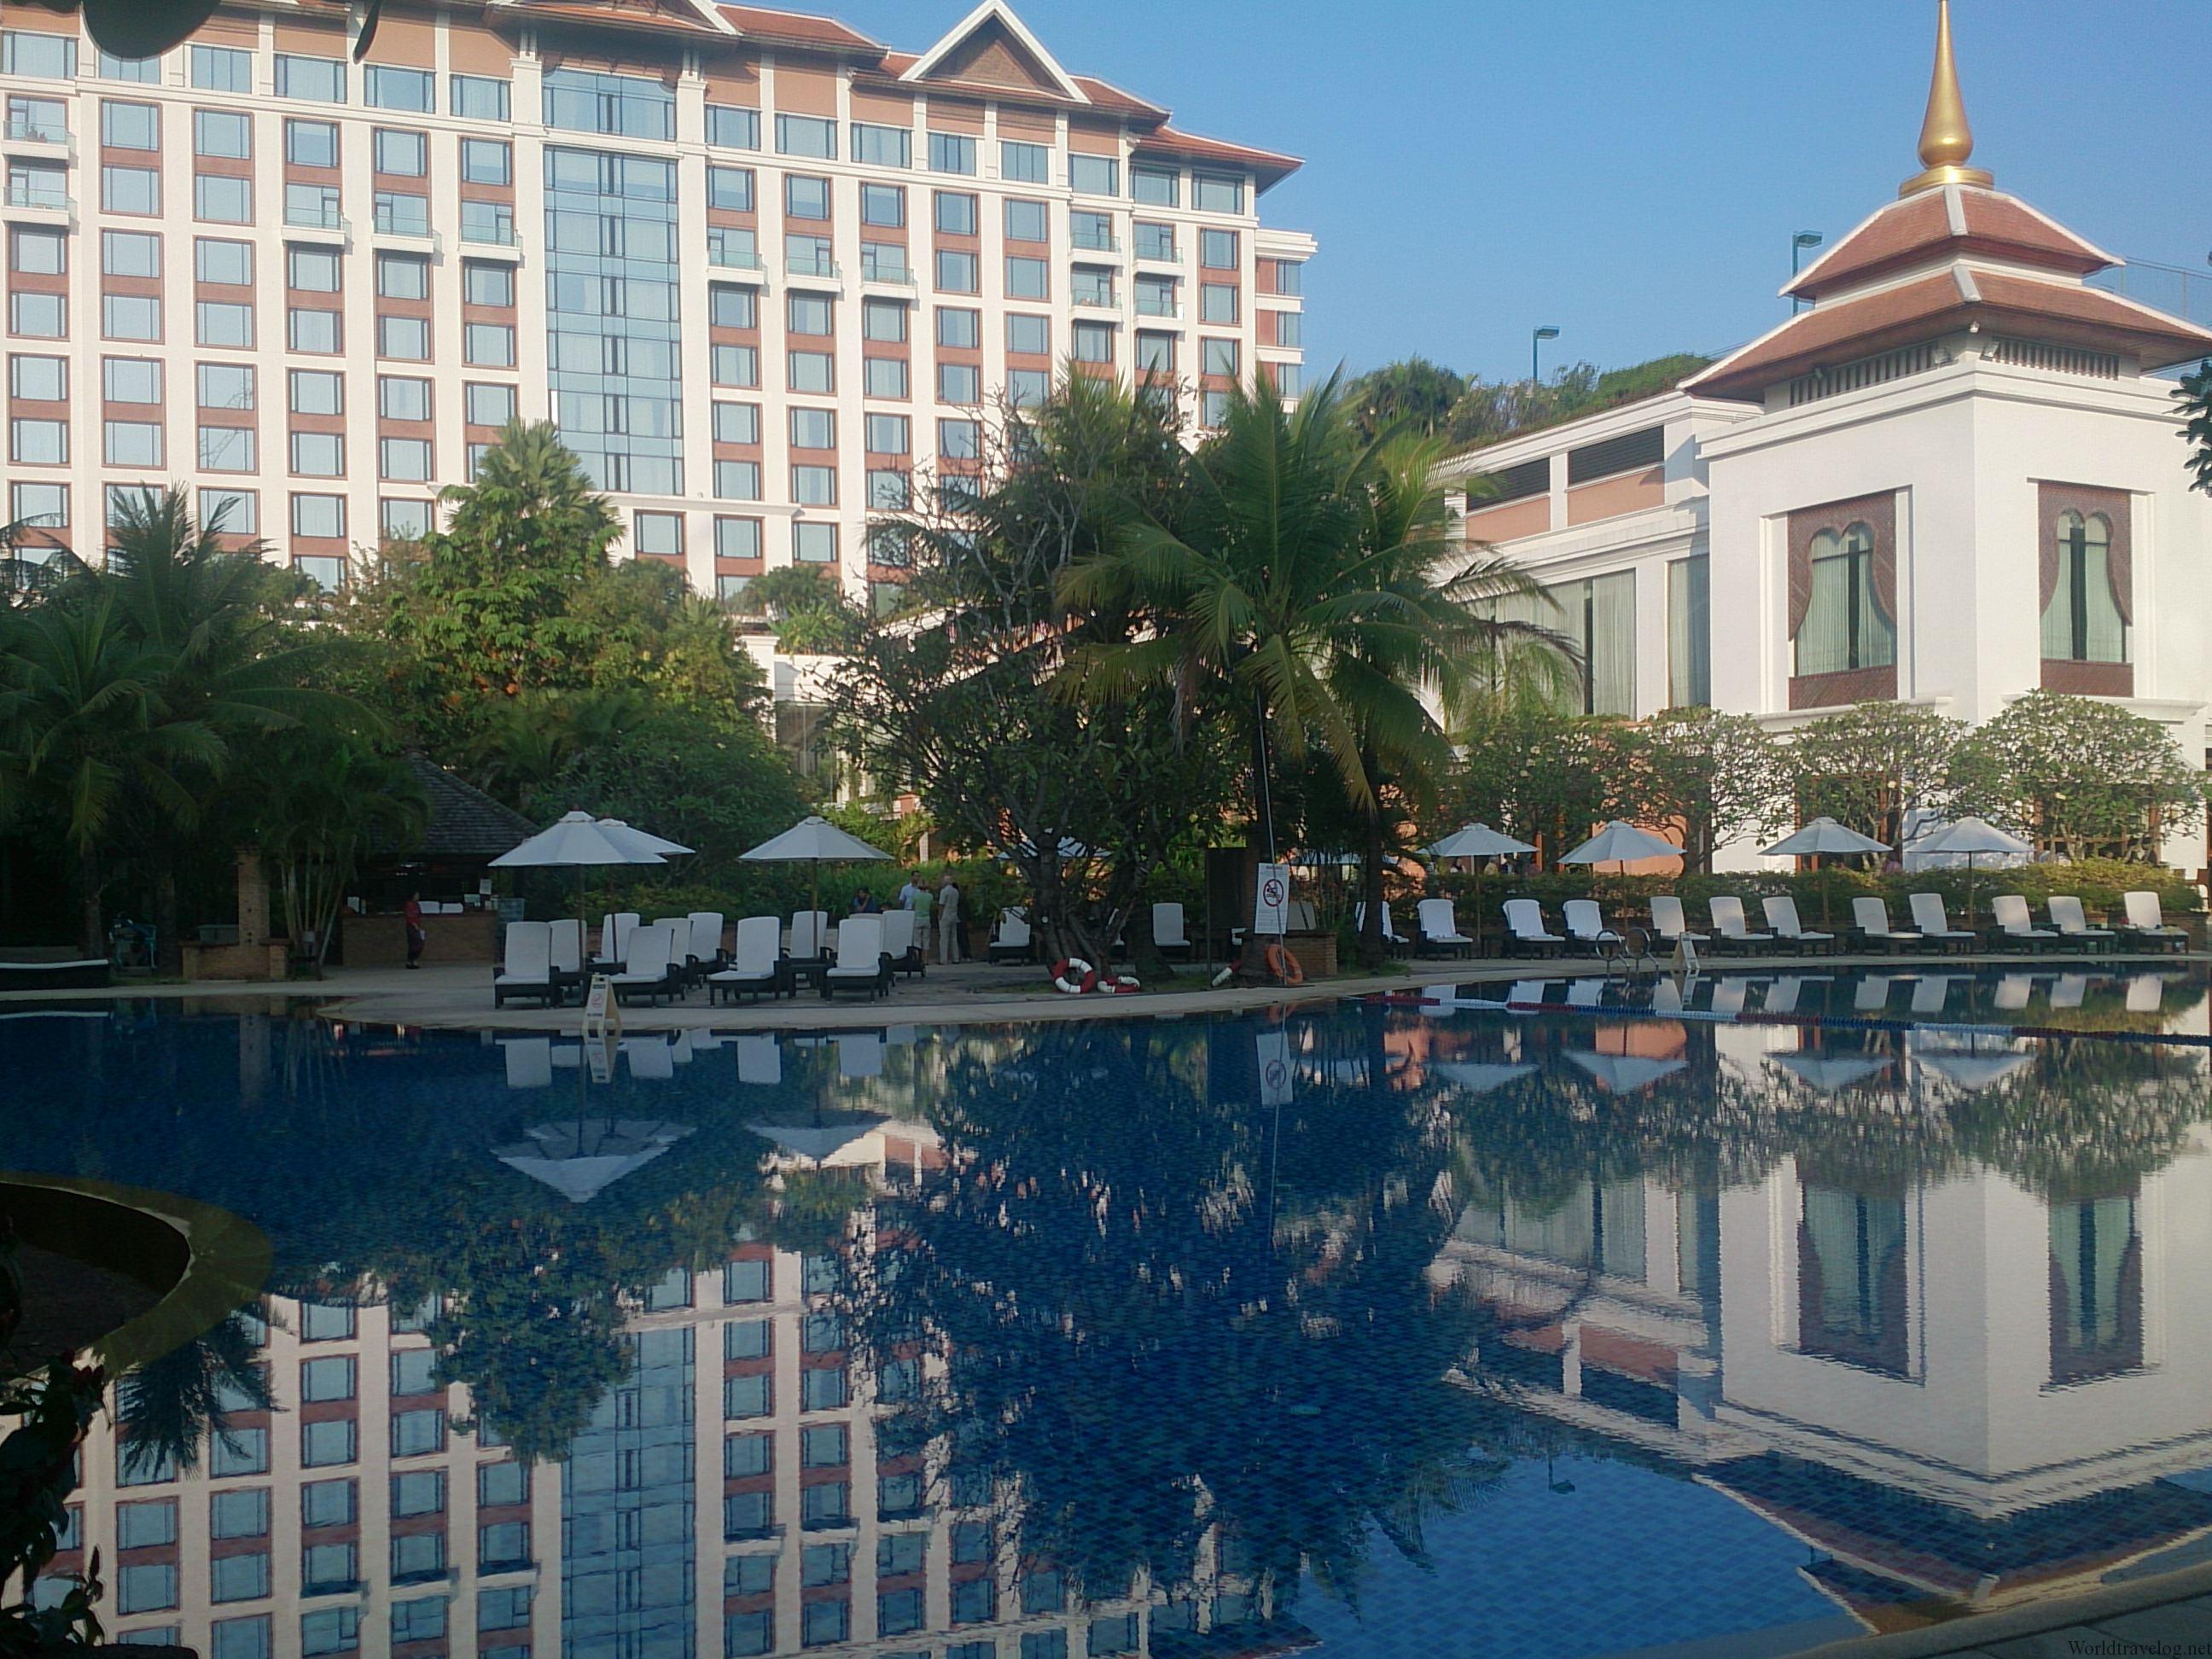 シャングリラ チェンマイ宿泊記/Shangri-la Chiang Mai